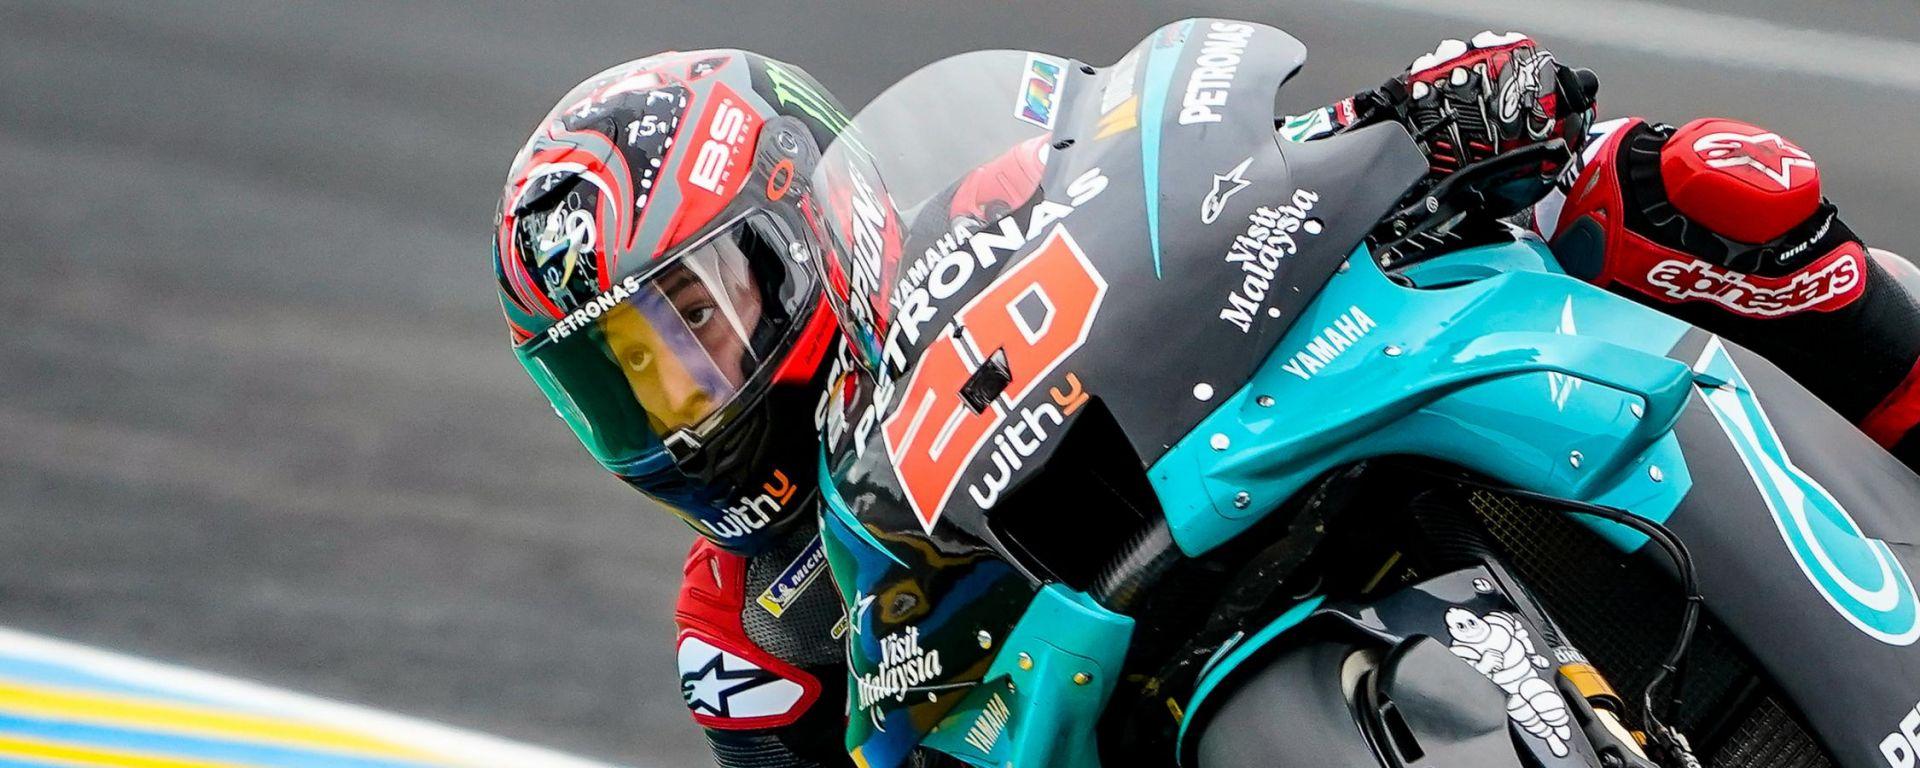 MotoGP Francia 2020, super pole di Quartararo! Petrucci 3°